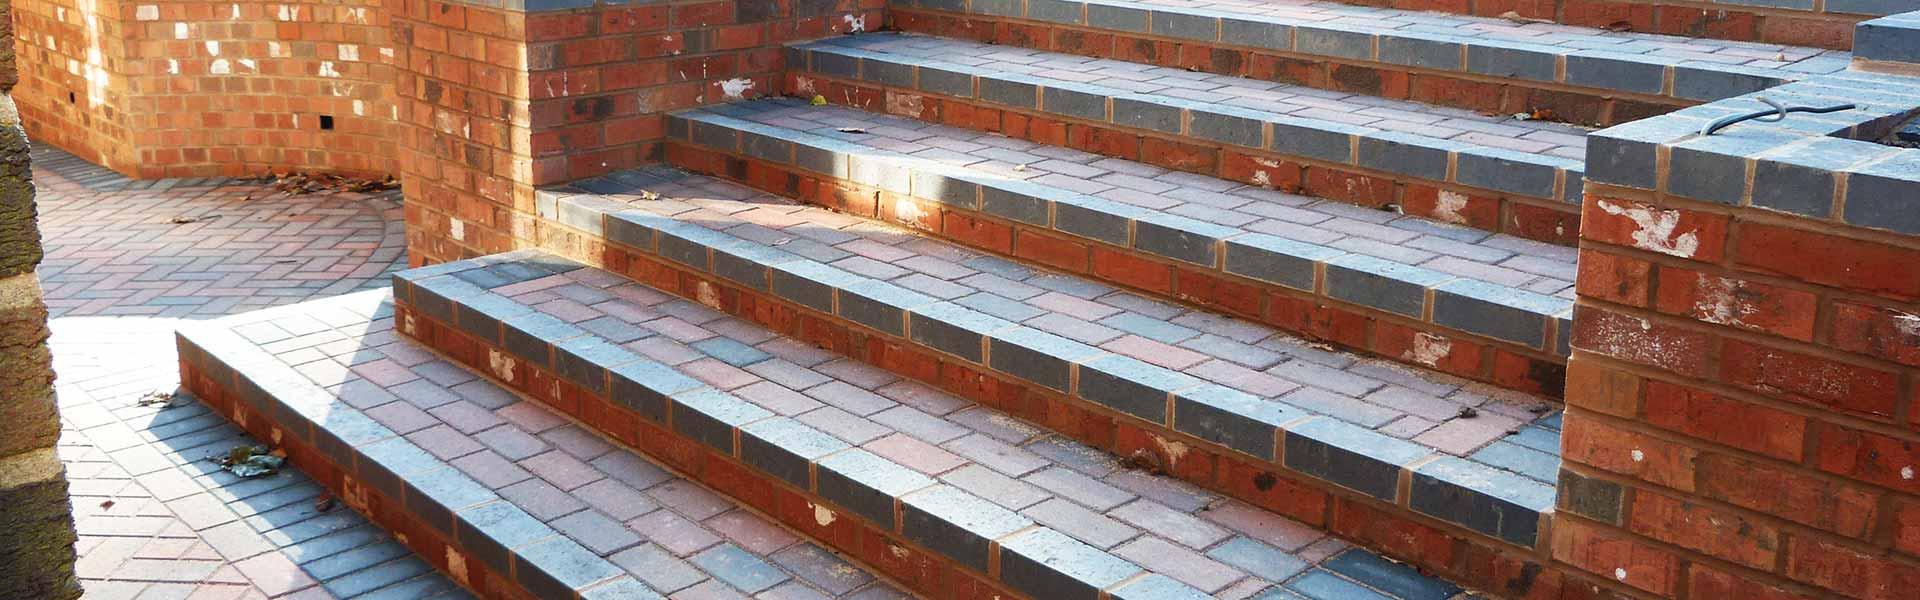 Brick Walls and Steps Solihull